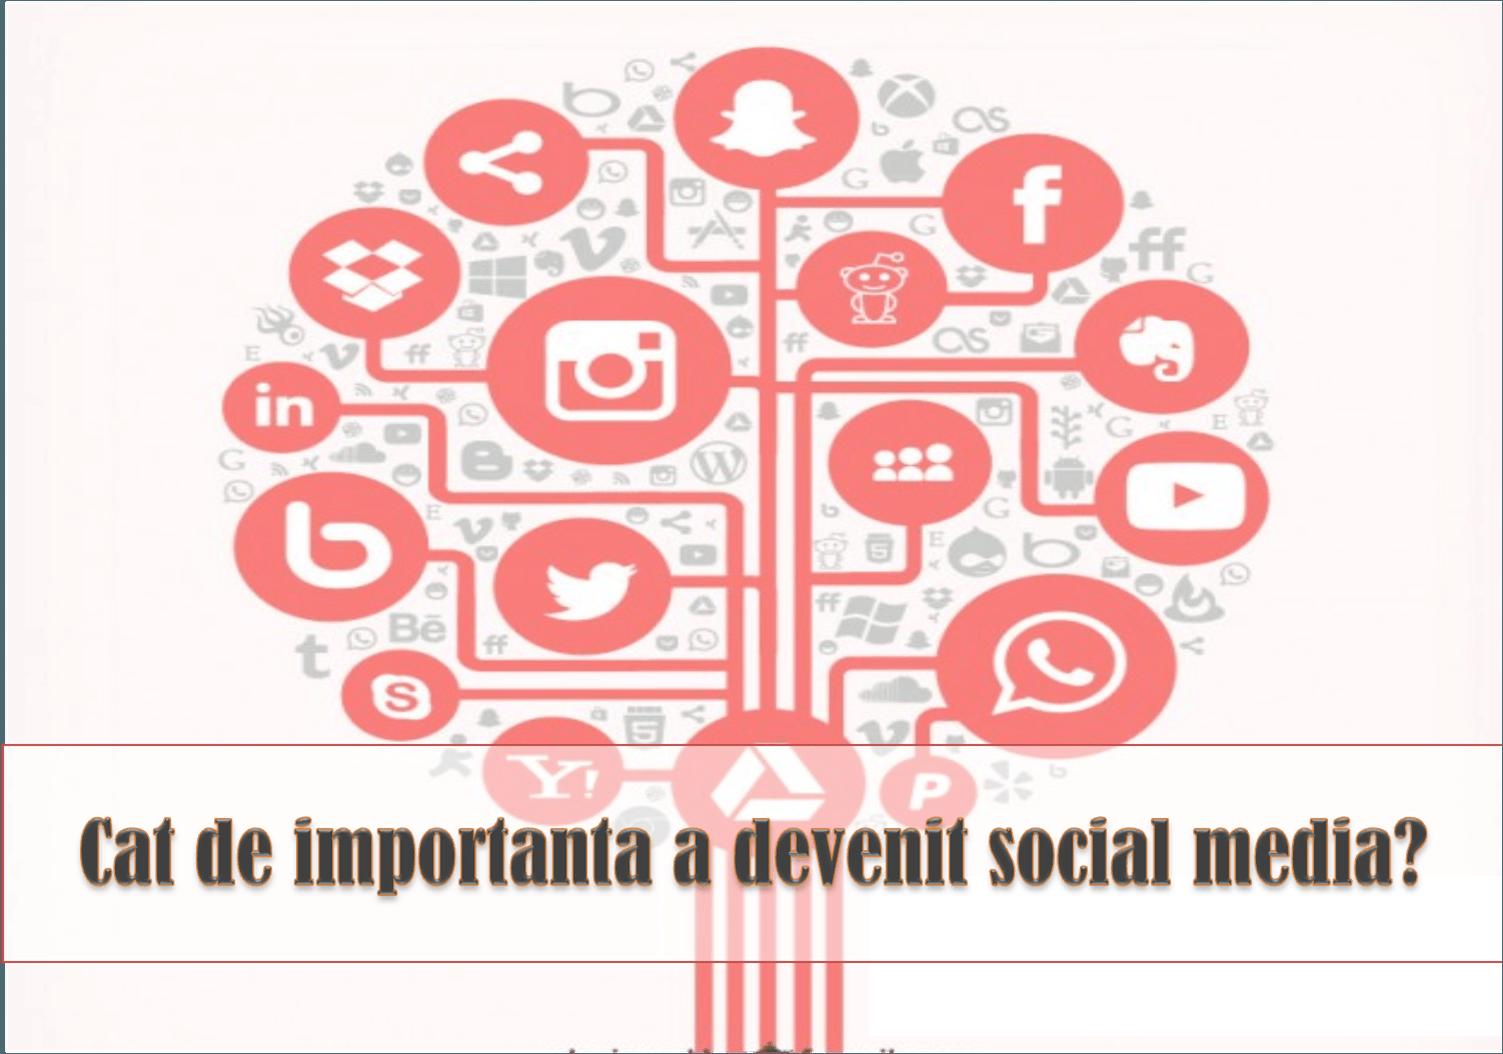 strategie de social media social media in afaceri promovarea in retele sociale